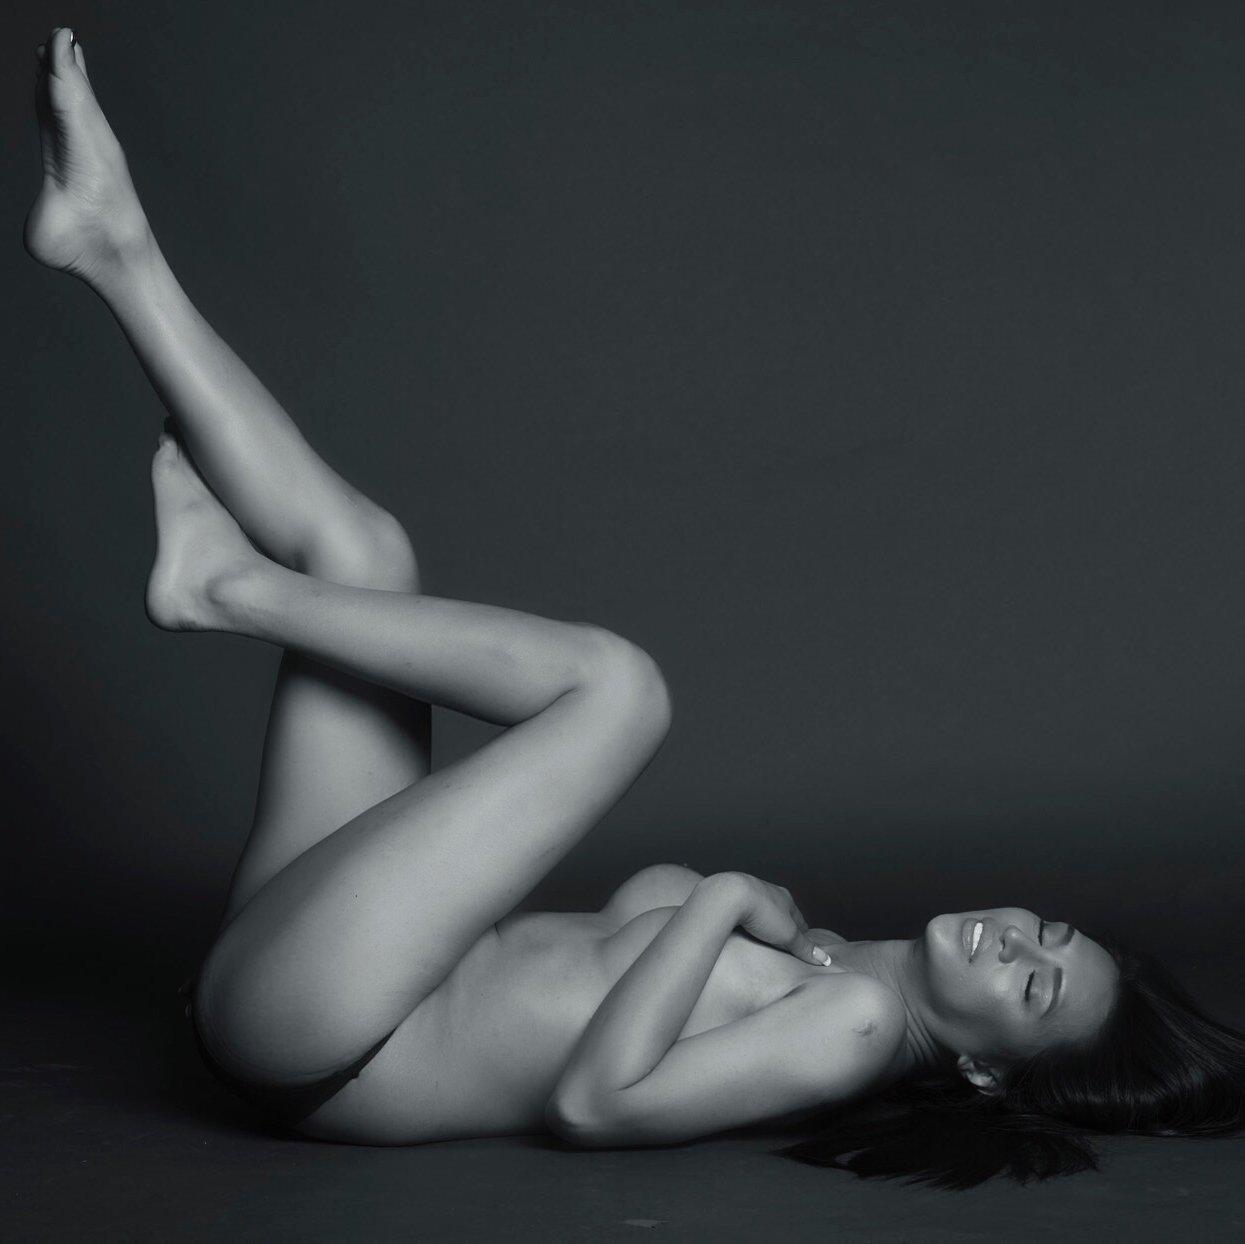 Ladyboy massage in manila-5926